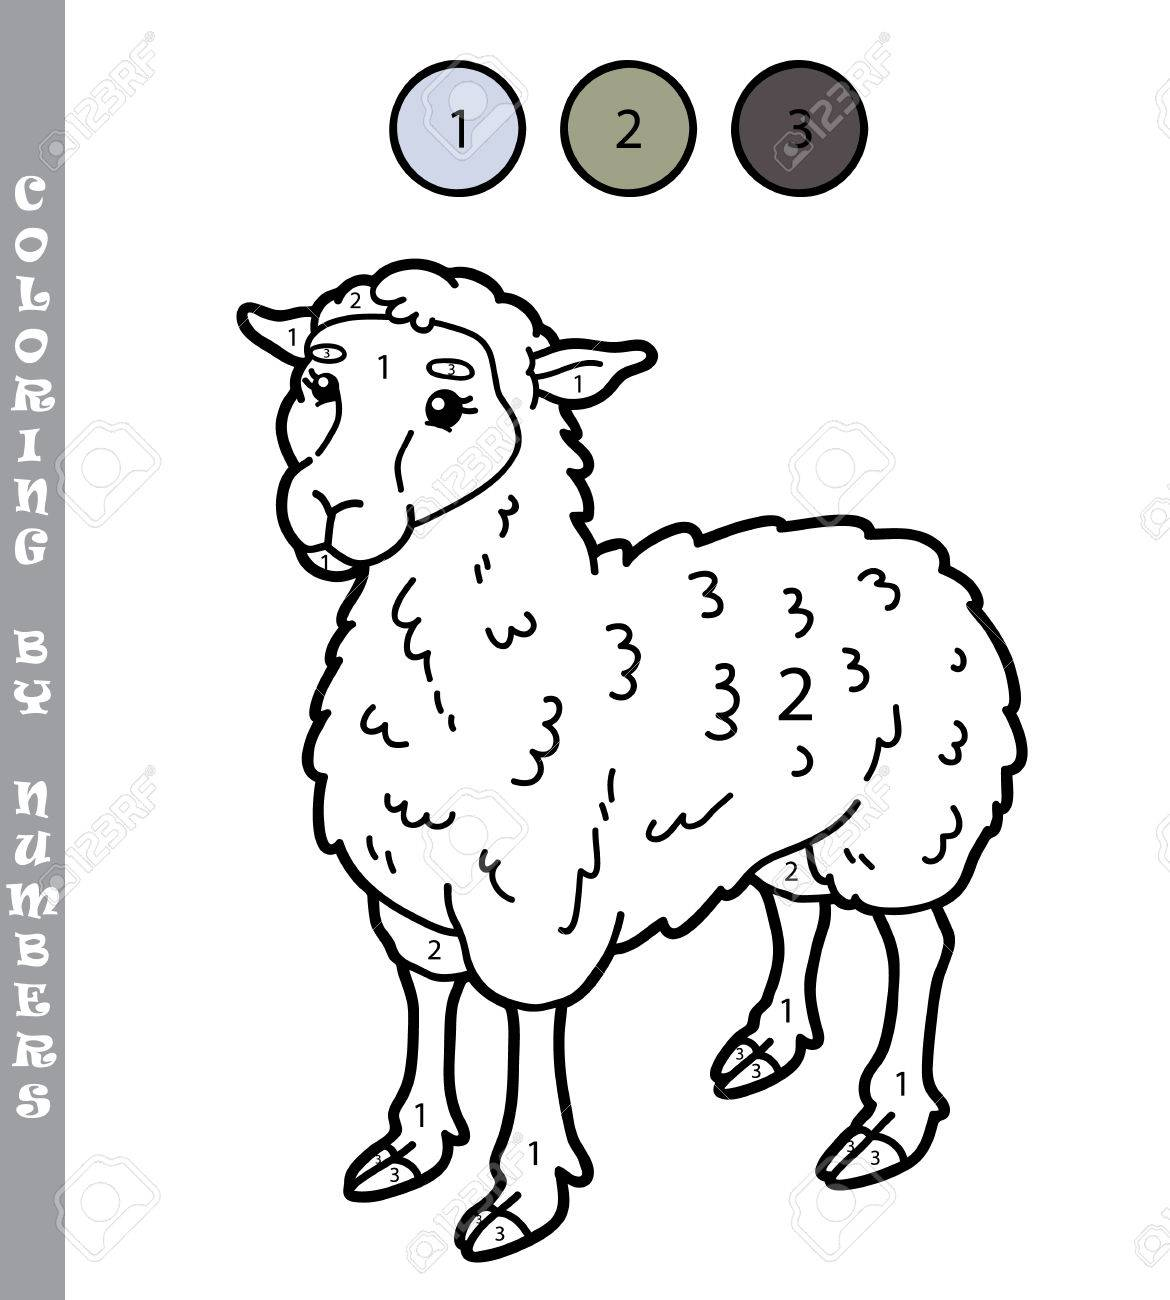 Ilustración Vectorial Para Colorear Por Números Juego Educativo Con Dibujos Animados Ovejas Para Niños